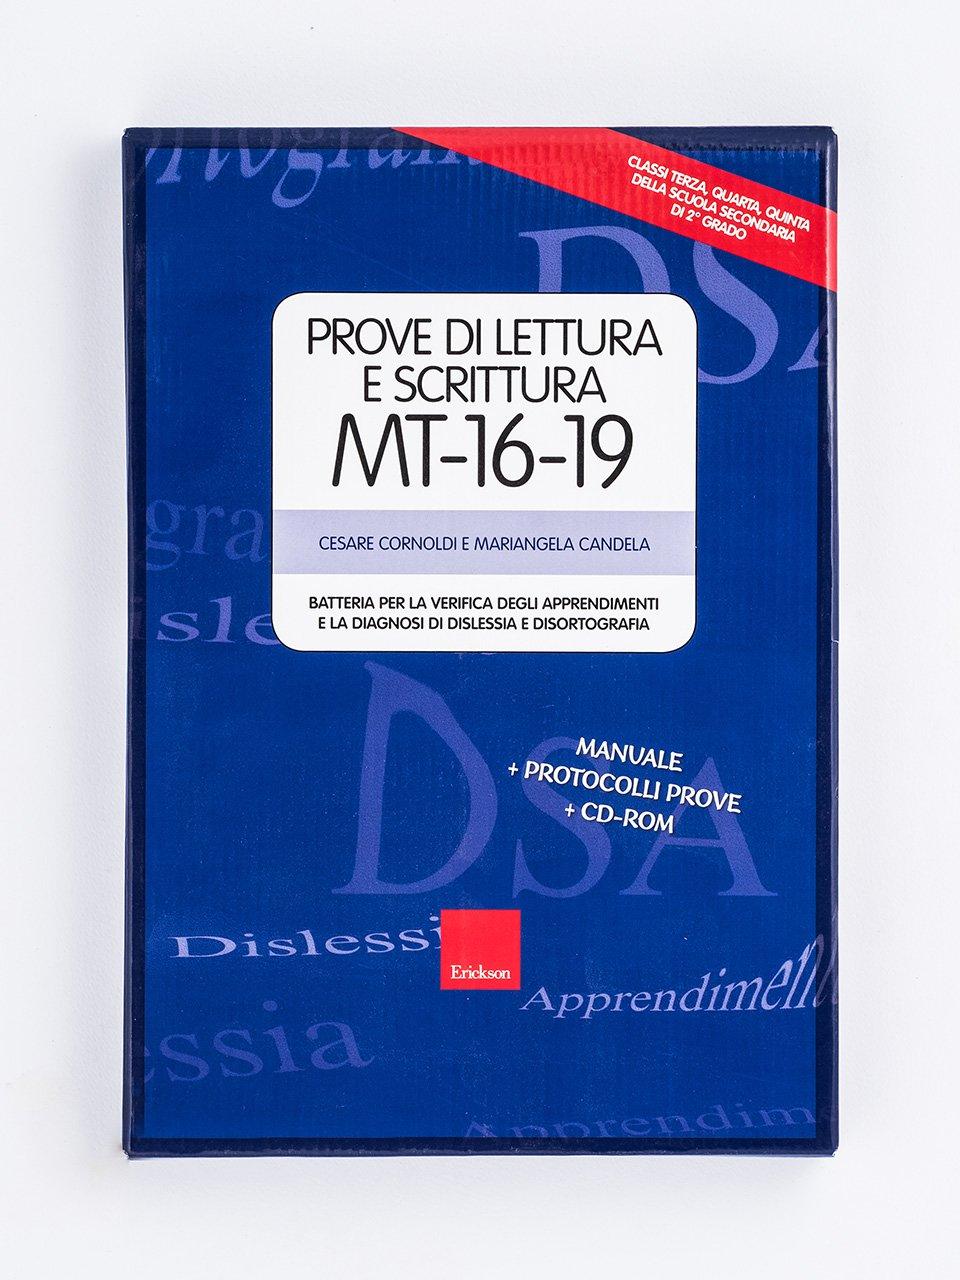 Prove di lettura e scrittura MT-16-19 - Libri - Erickson 2